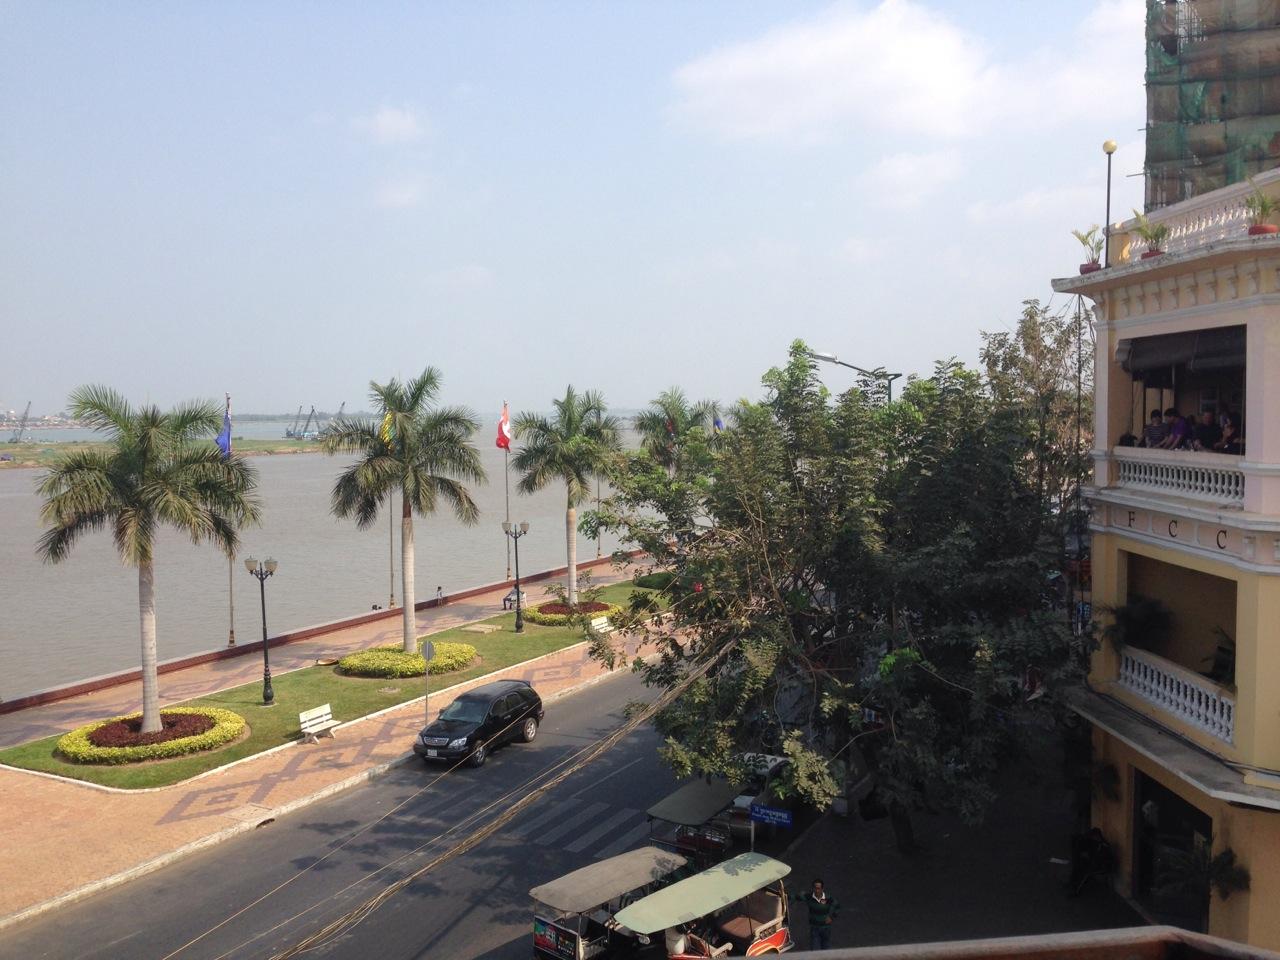 Aussicht auf den Fluss Tonle Sap